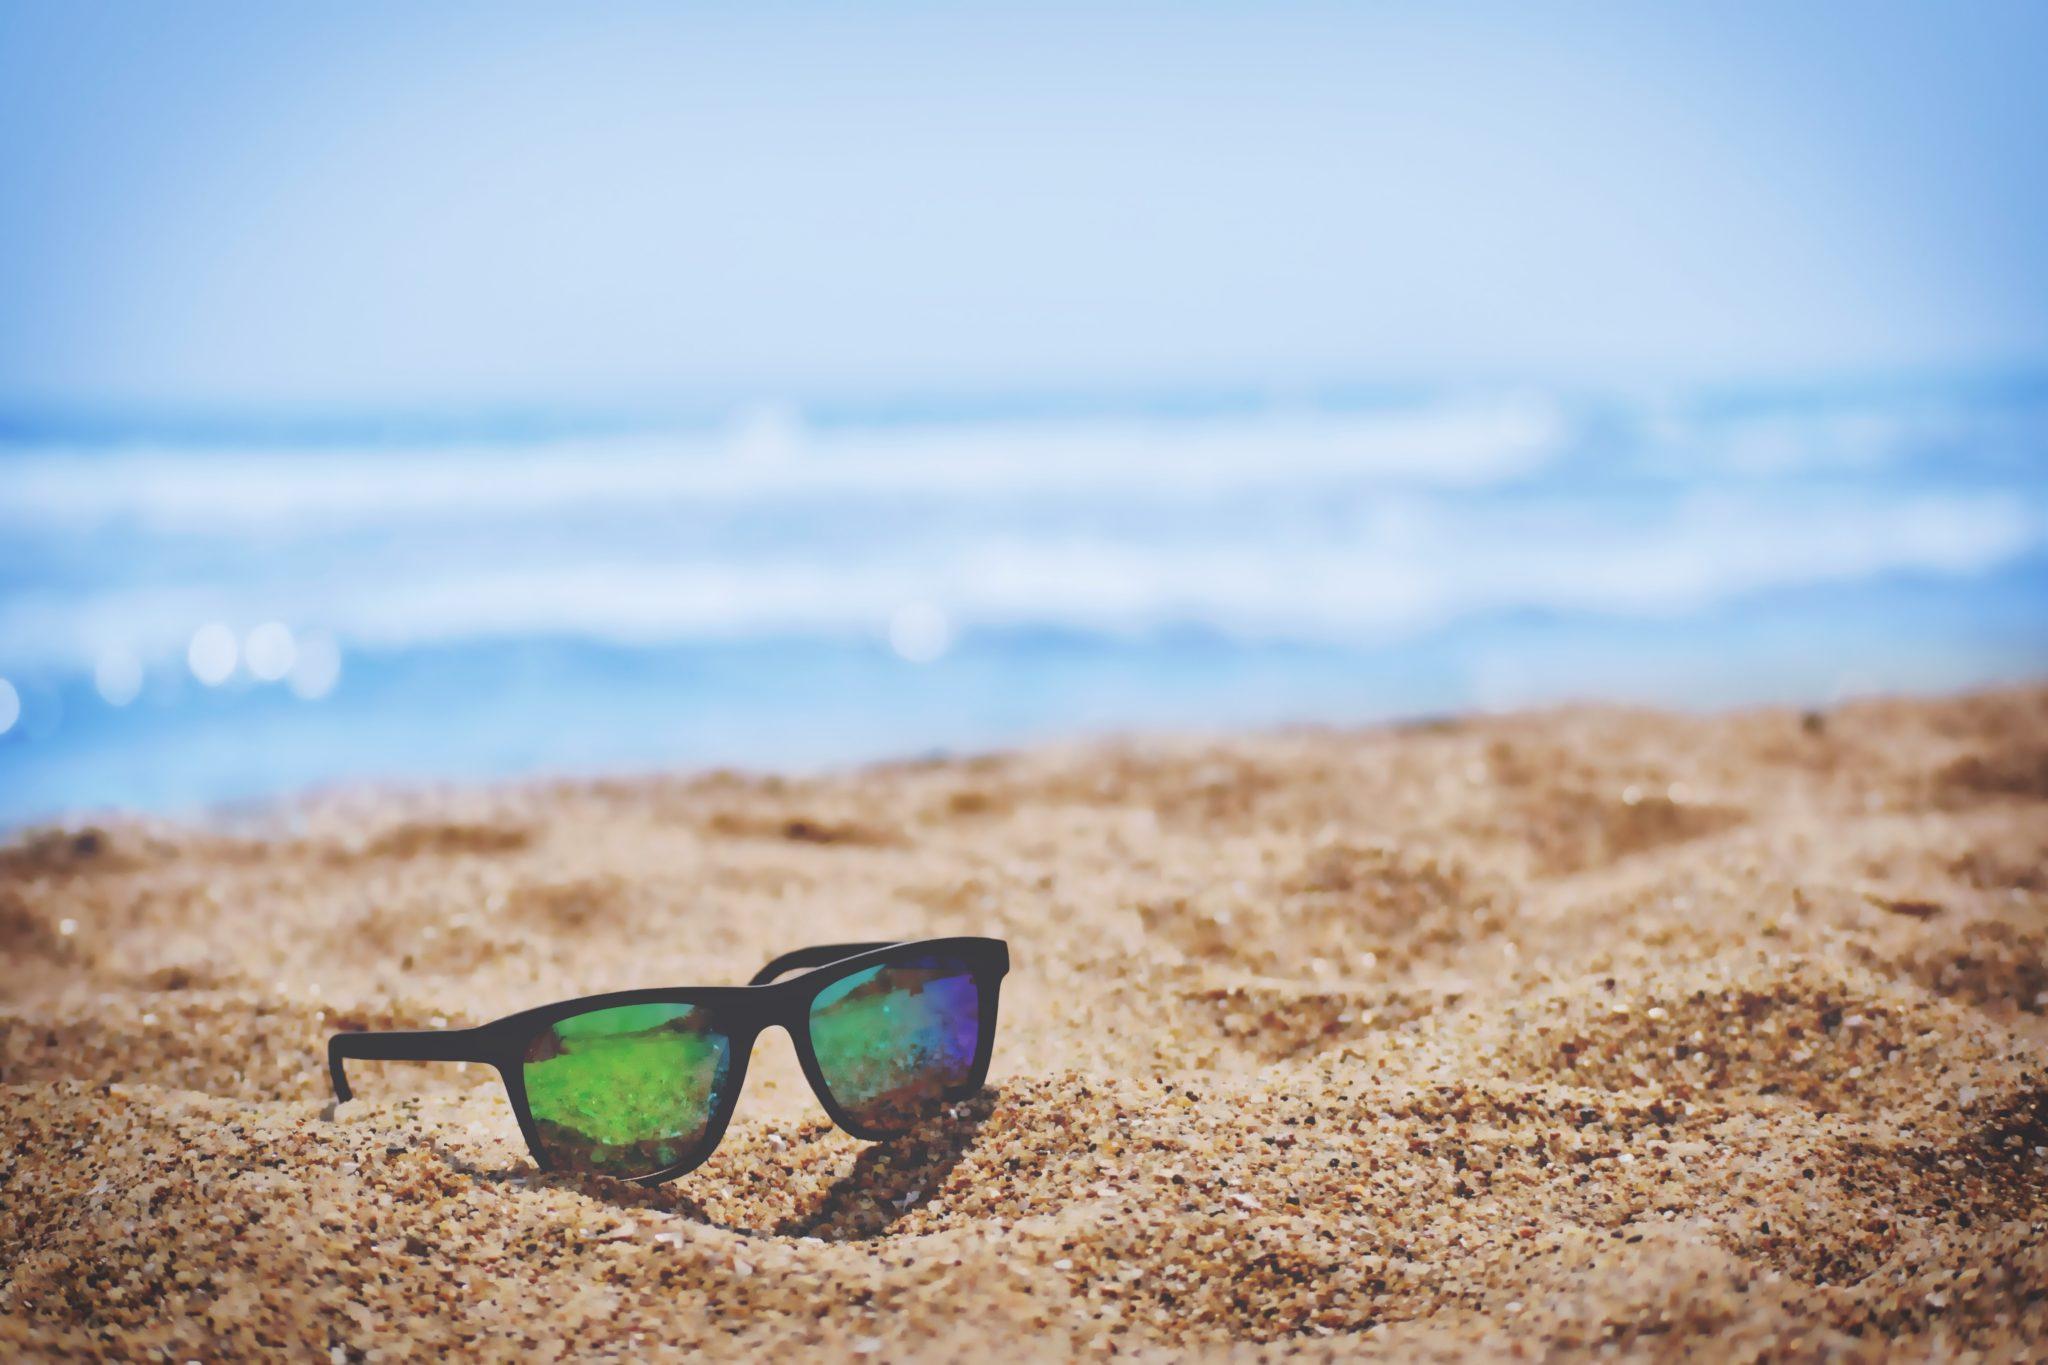 Okulary przeciwsłoneczne – 7 faktów, o których nie miałeś pojęcia